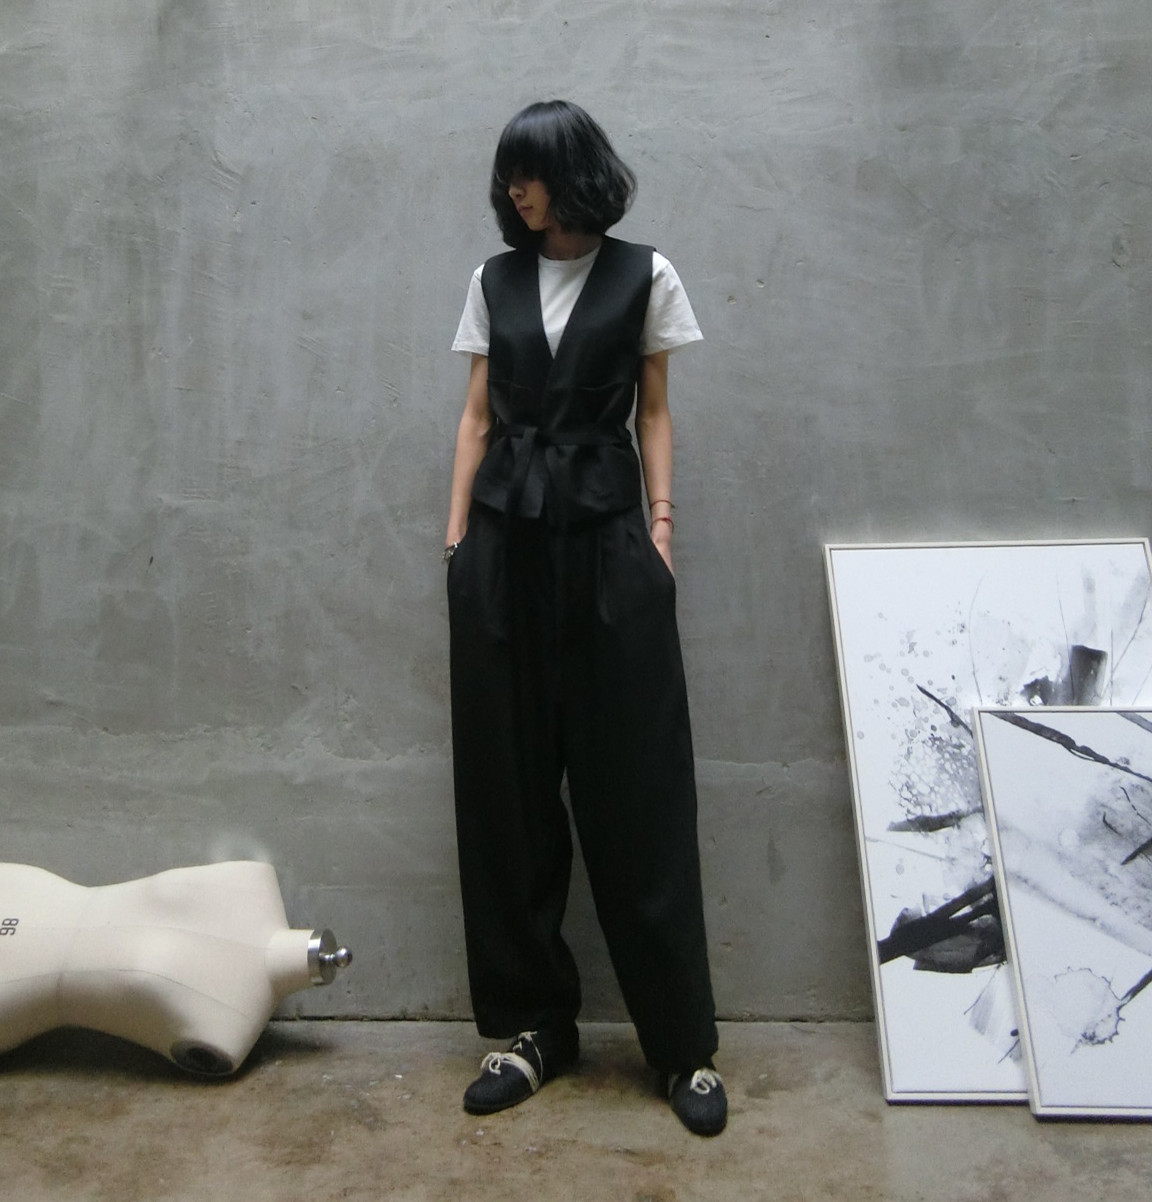 GodKnOws эксклюзивные индивидуальные нерегулярные Ёдзи yamamo Ёдзи Ямамото стиль Холтер ремень жилет